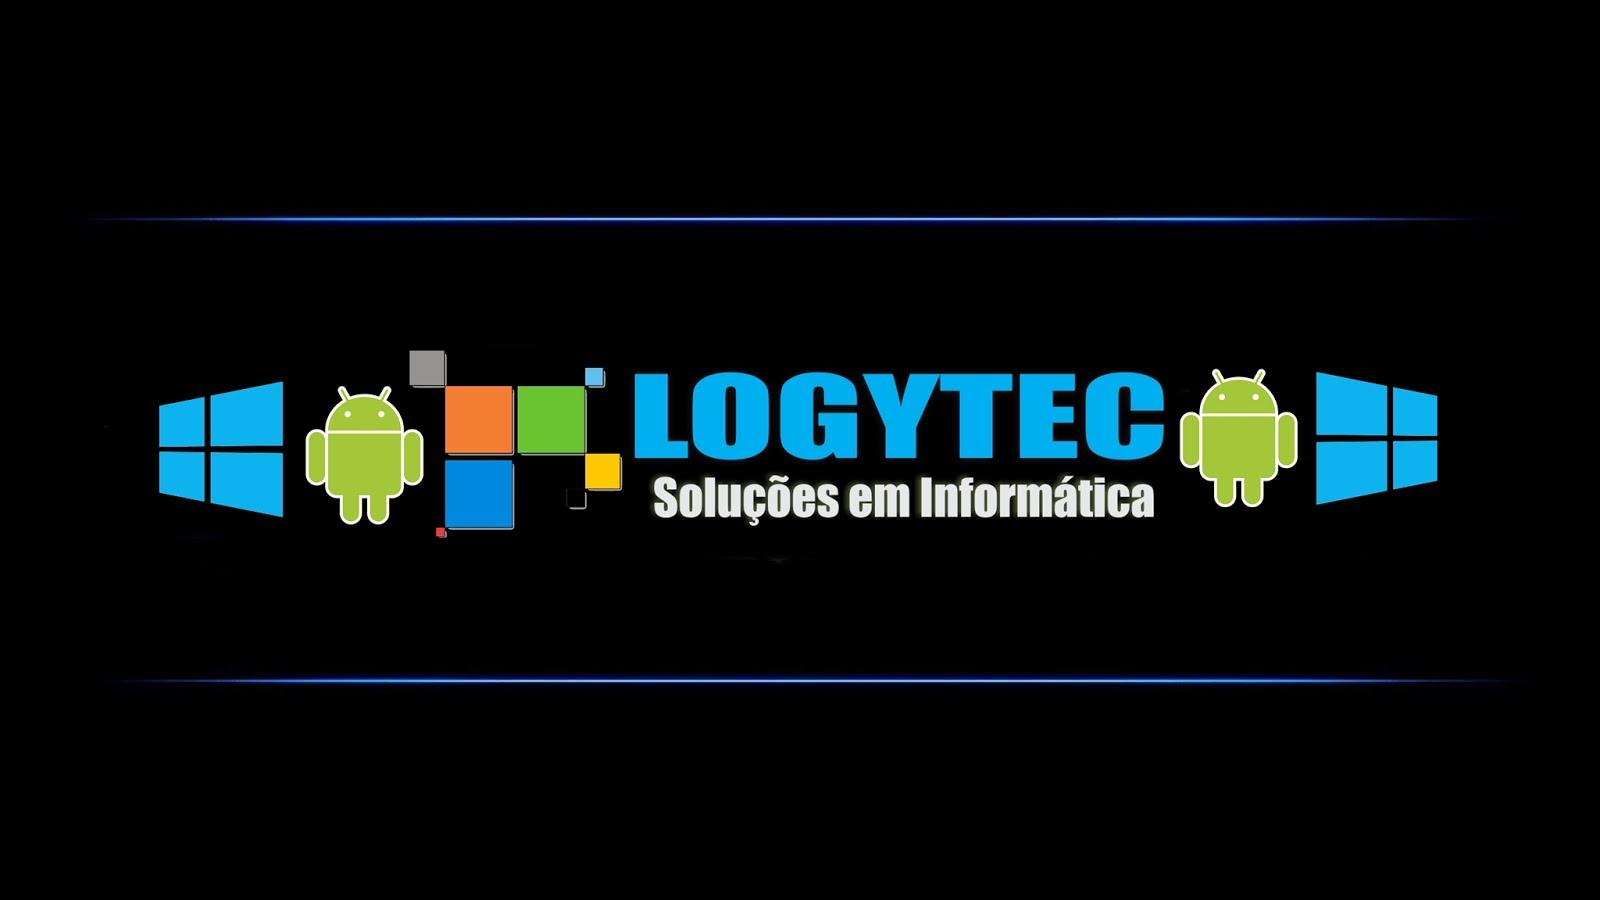 LOGYTEC - Soluções em Informática